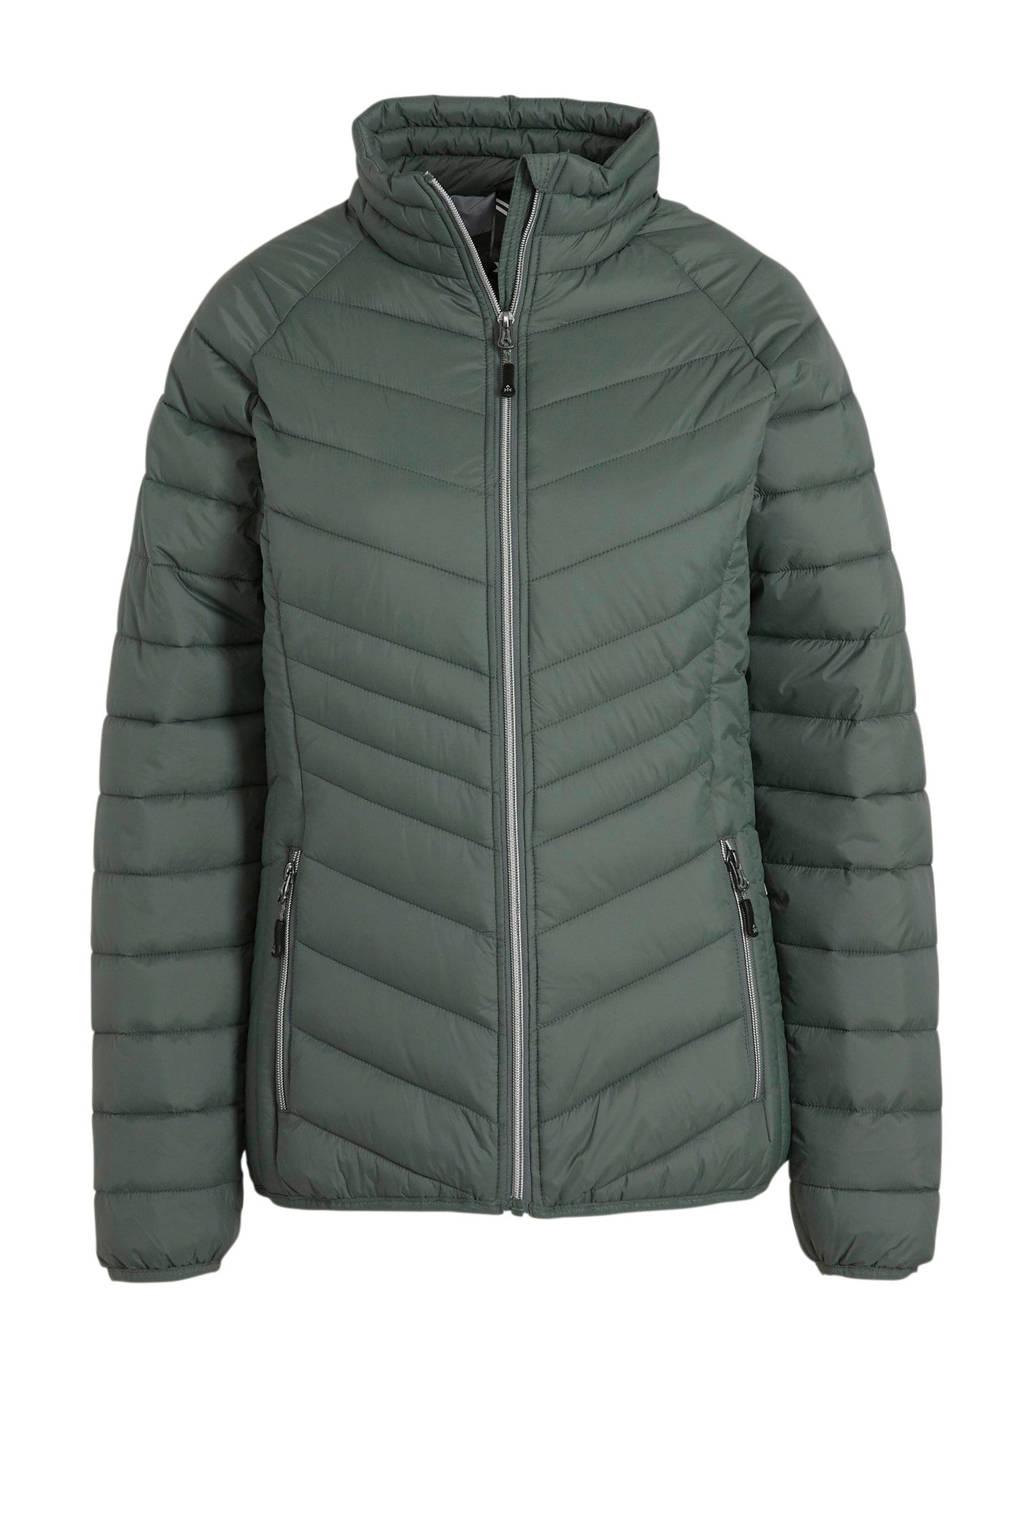 Kjelvik outdoor jas groen, Groen